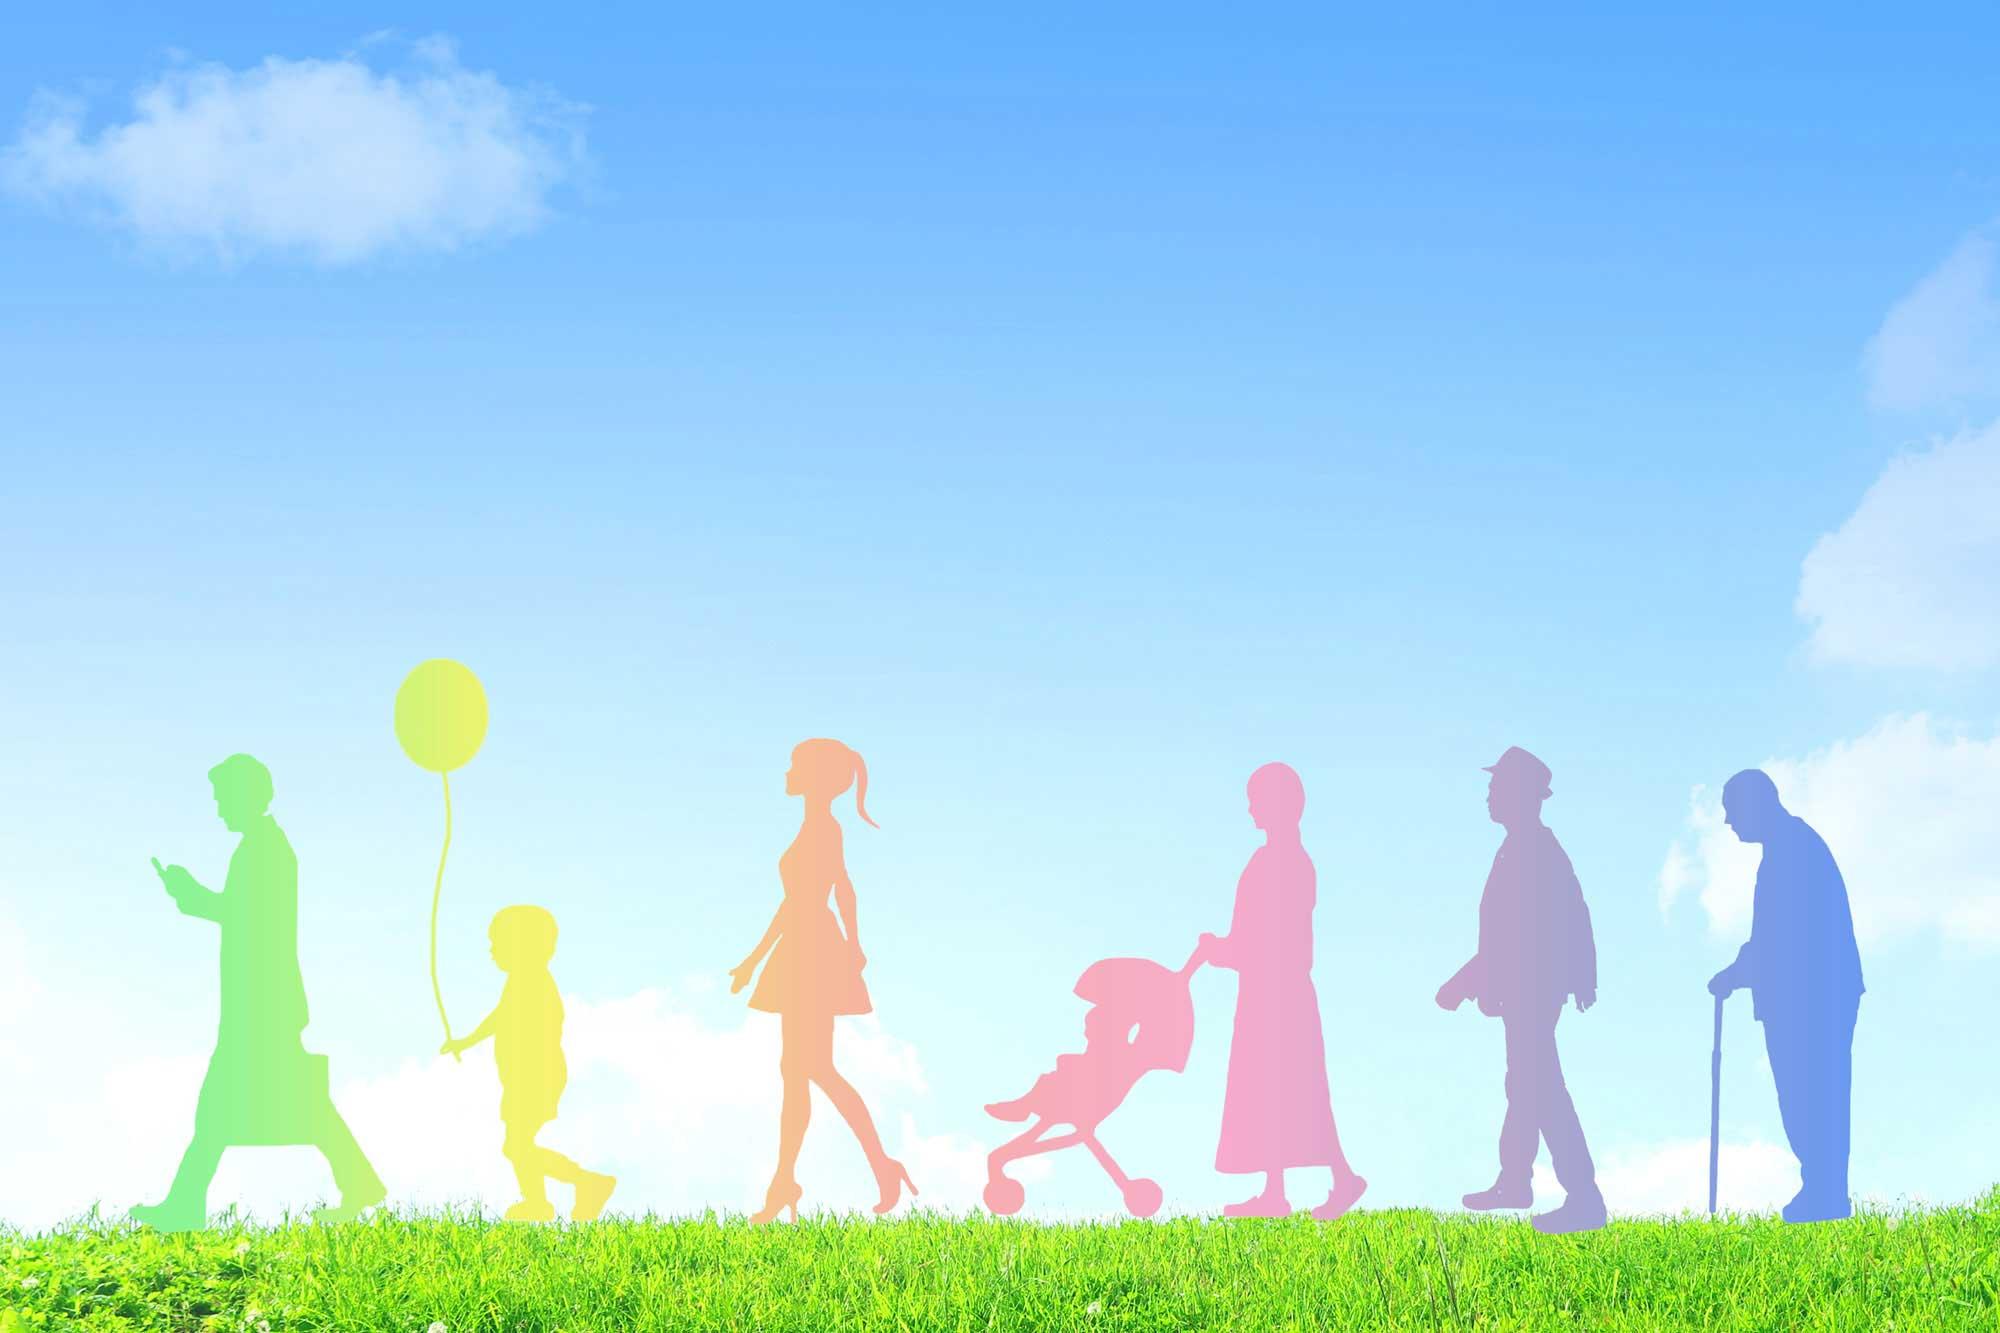 青い空と芝生に人のグラデーションの影の画像